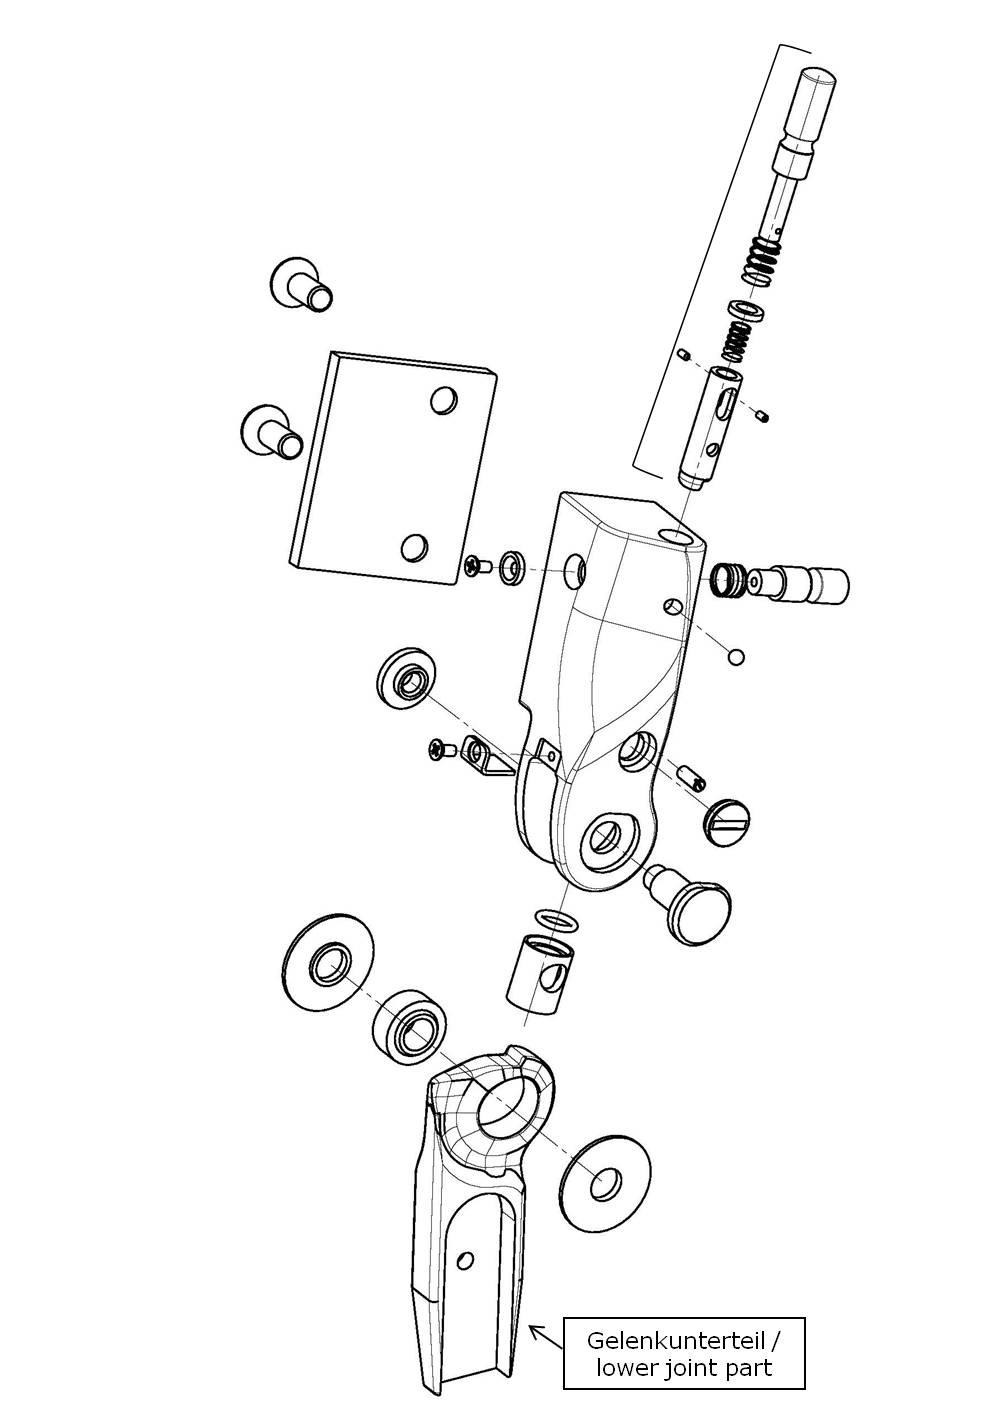 Gelenkunterteil für das Salera preselect 3-D Hüftgelenk